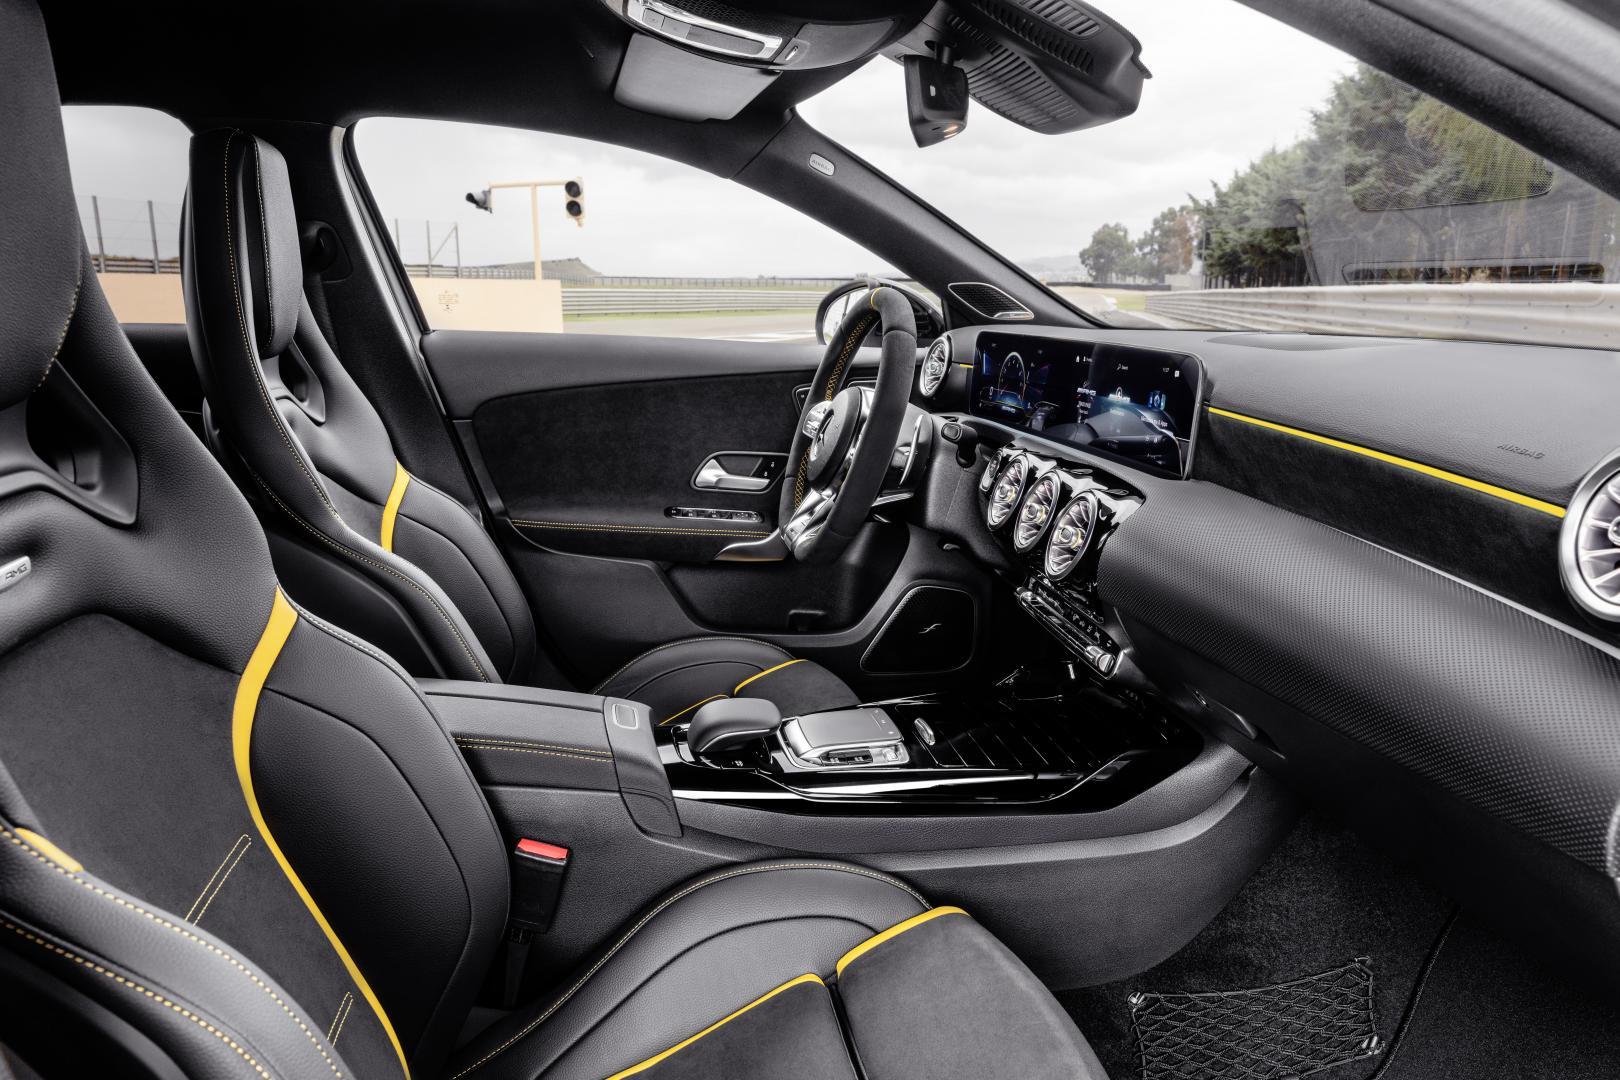 Mercedes-AMG A 45 S interieur